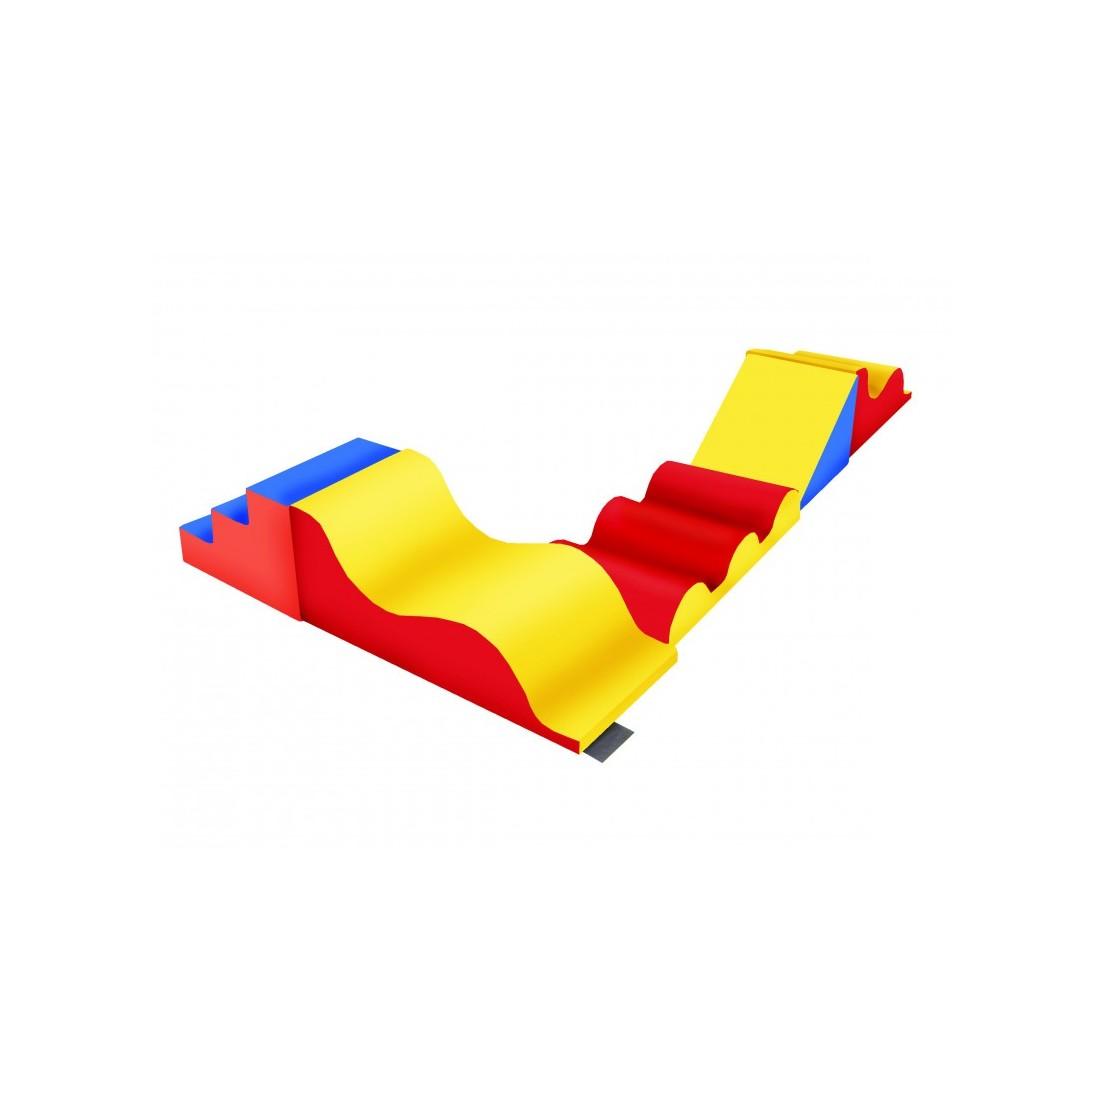 Kit ramper Sarneige de motricité. Modules en mousse maternelle de kit ramper fabriqué par Sarneige.